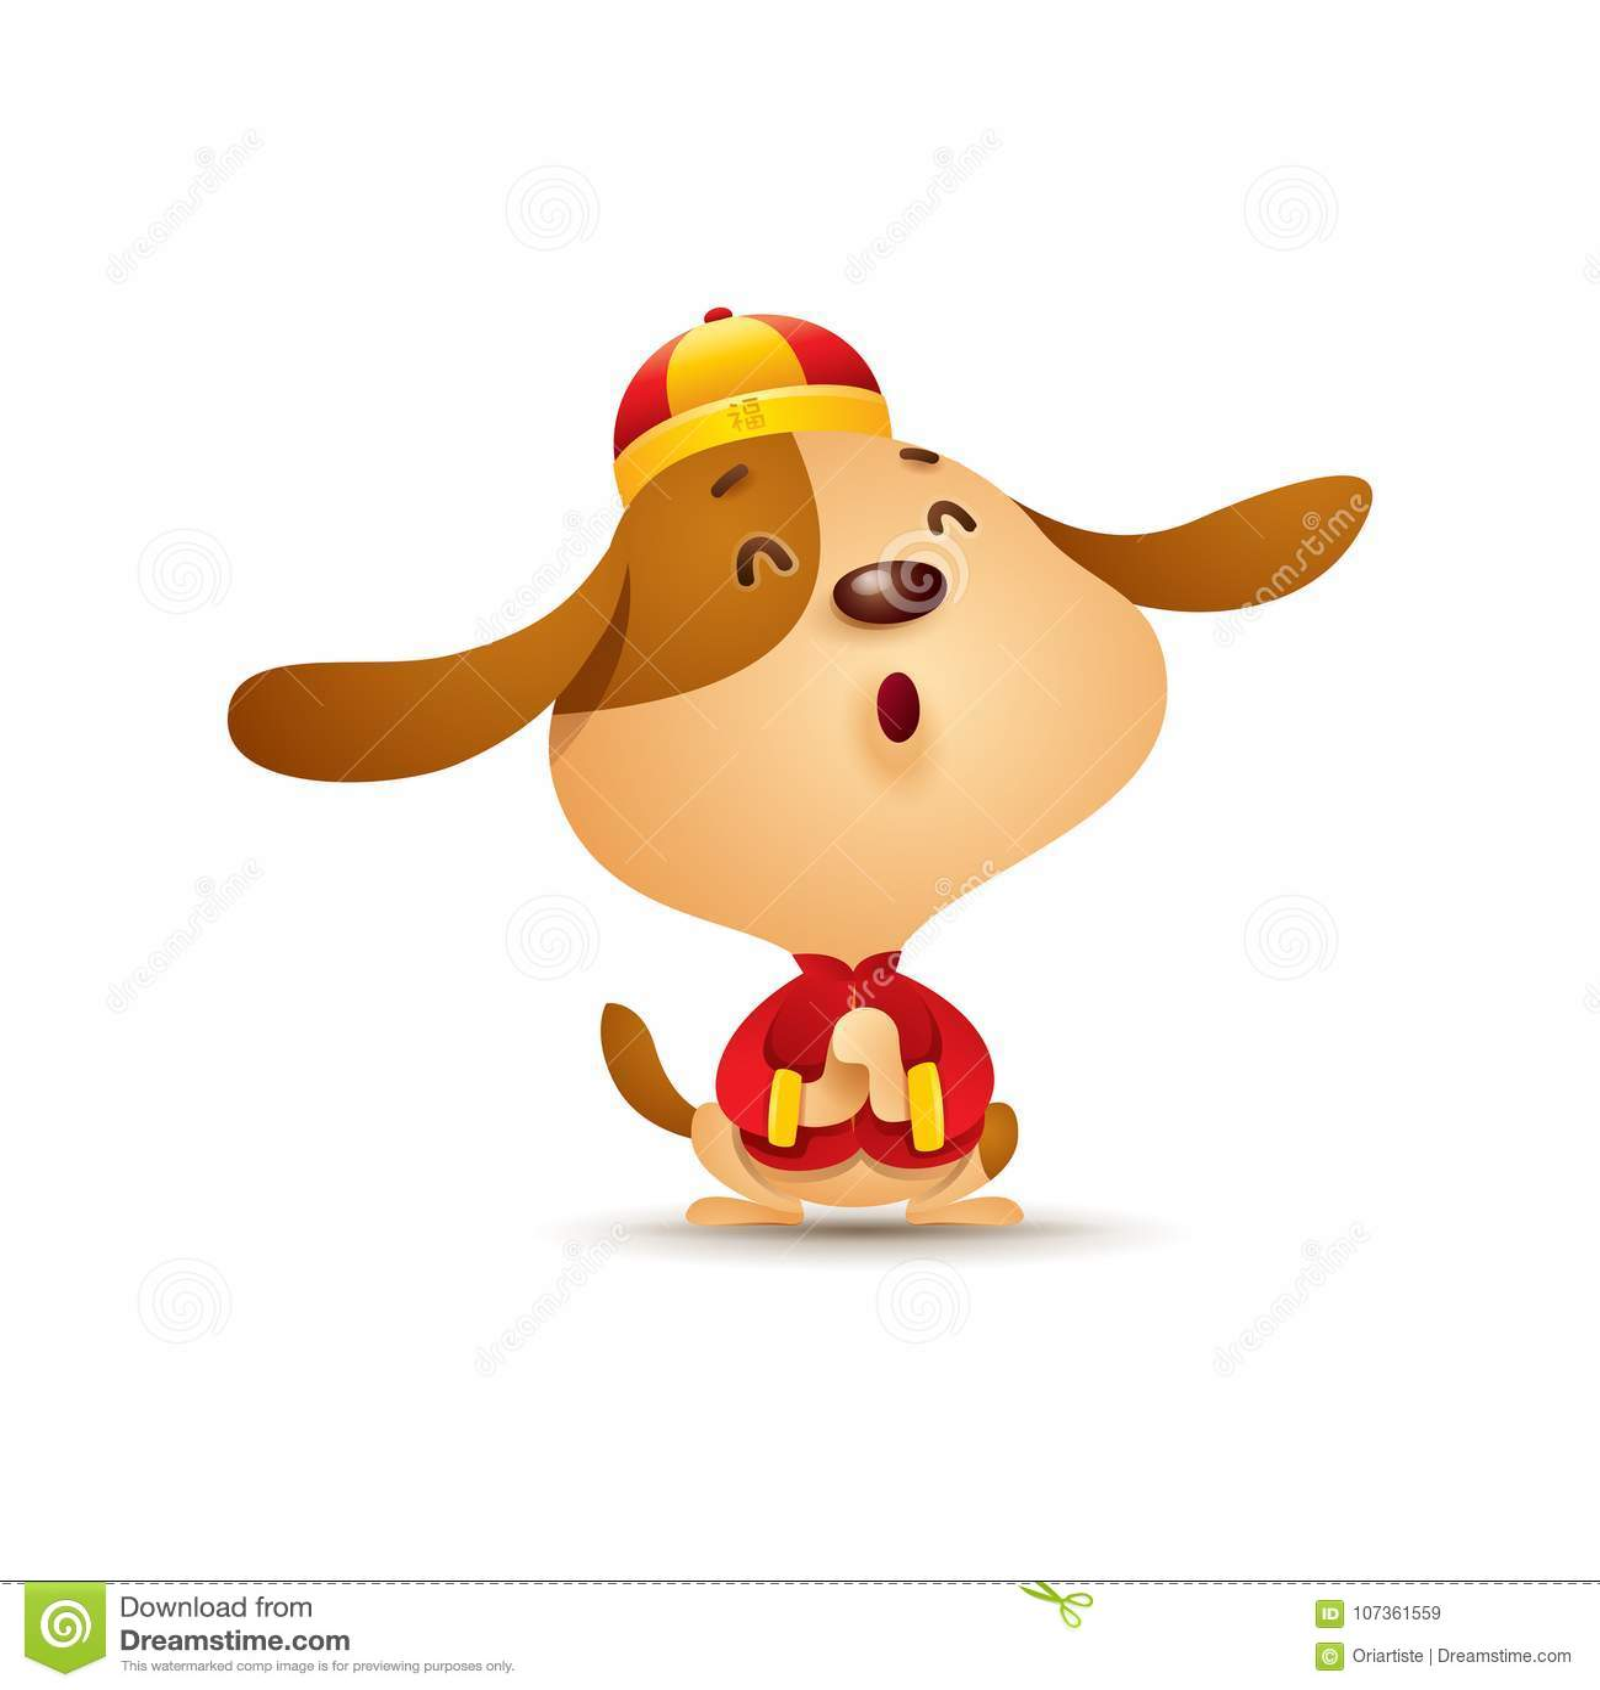 Chinesisches Neues Jahr Hundecharakterdesign Mit Kostüm Des ...